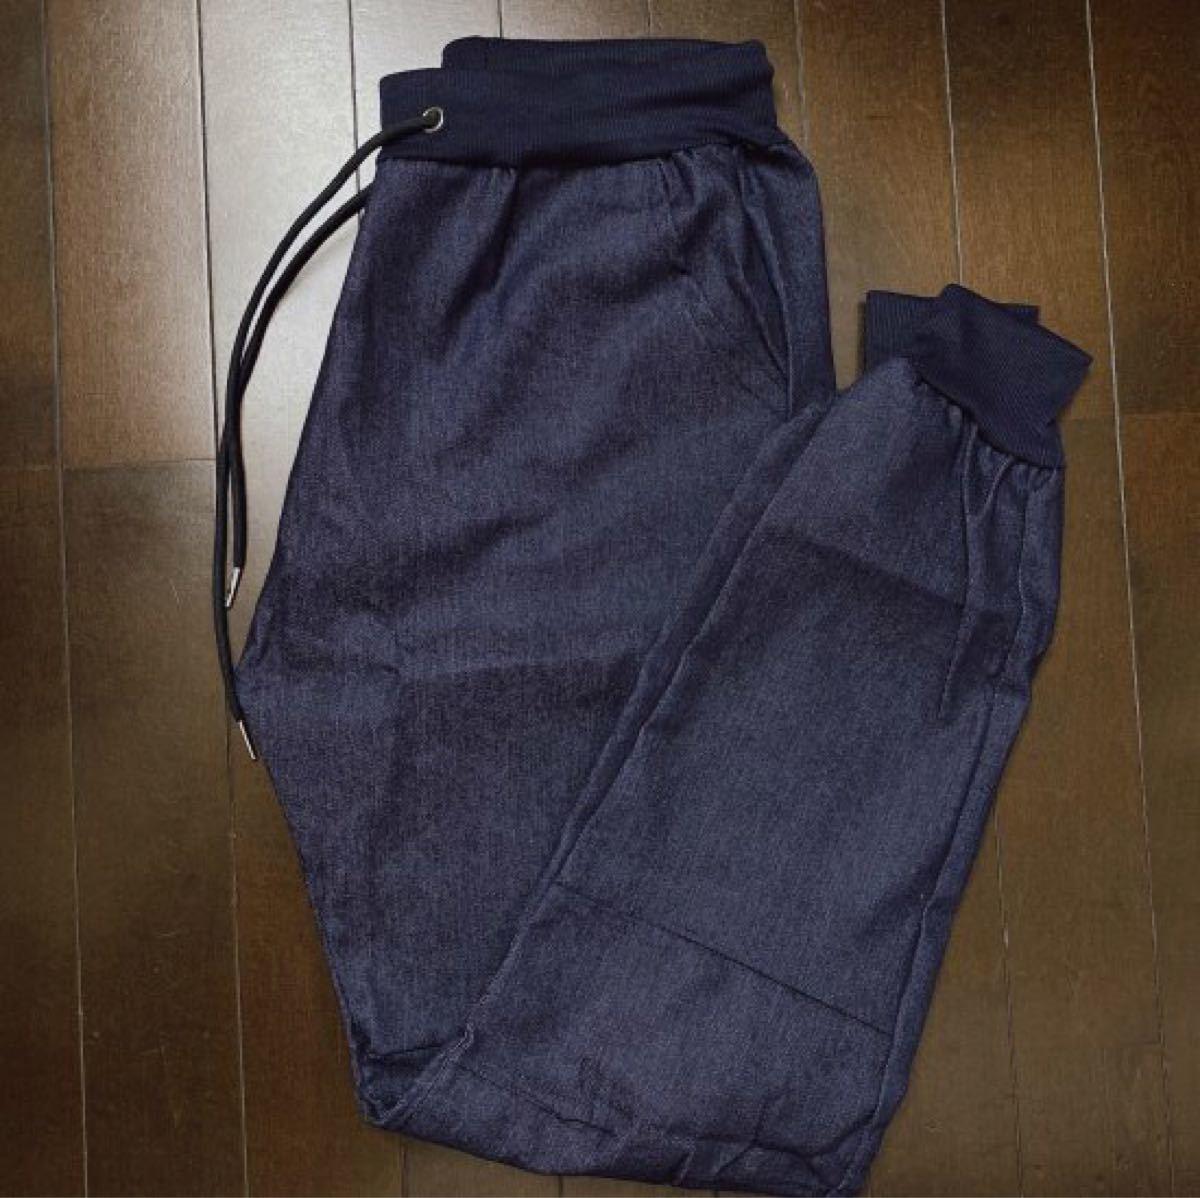 メンズ デニムジョガーパンツ スキニー ジーンズ デニム調 ネイビー XLサイズ